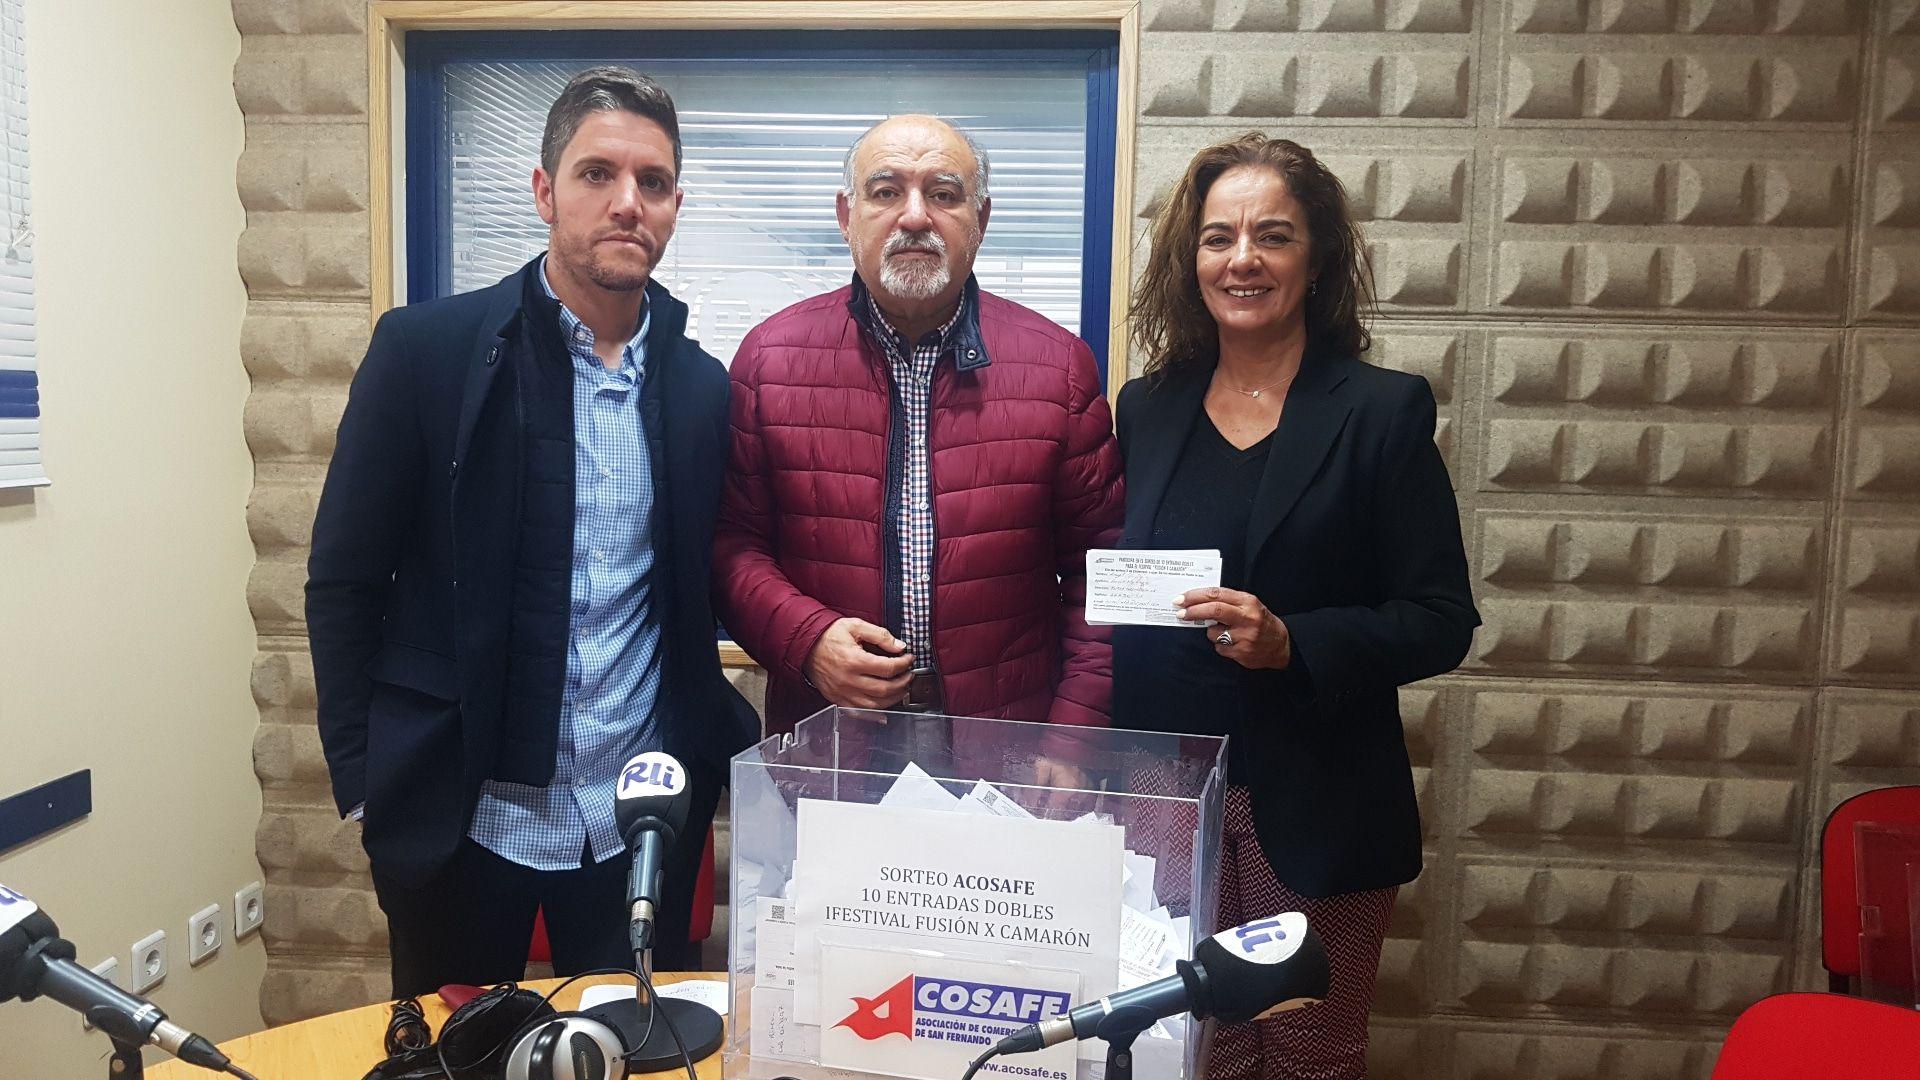 GANADORES DEL SORTEO DE 10 ENTRADAS DOBLES I FESTIVAL FUSIÓN X CAMARÓN.